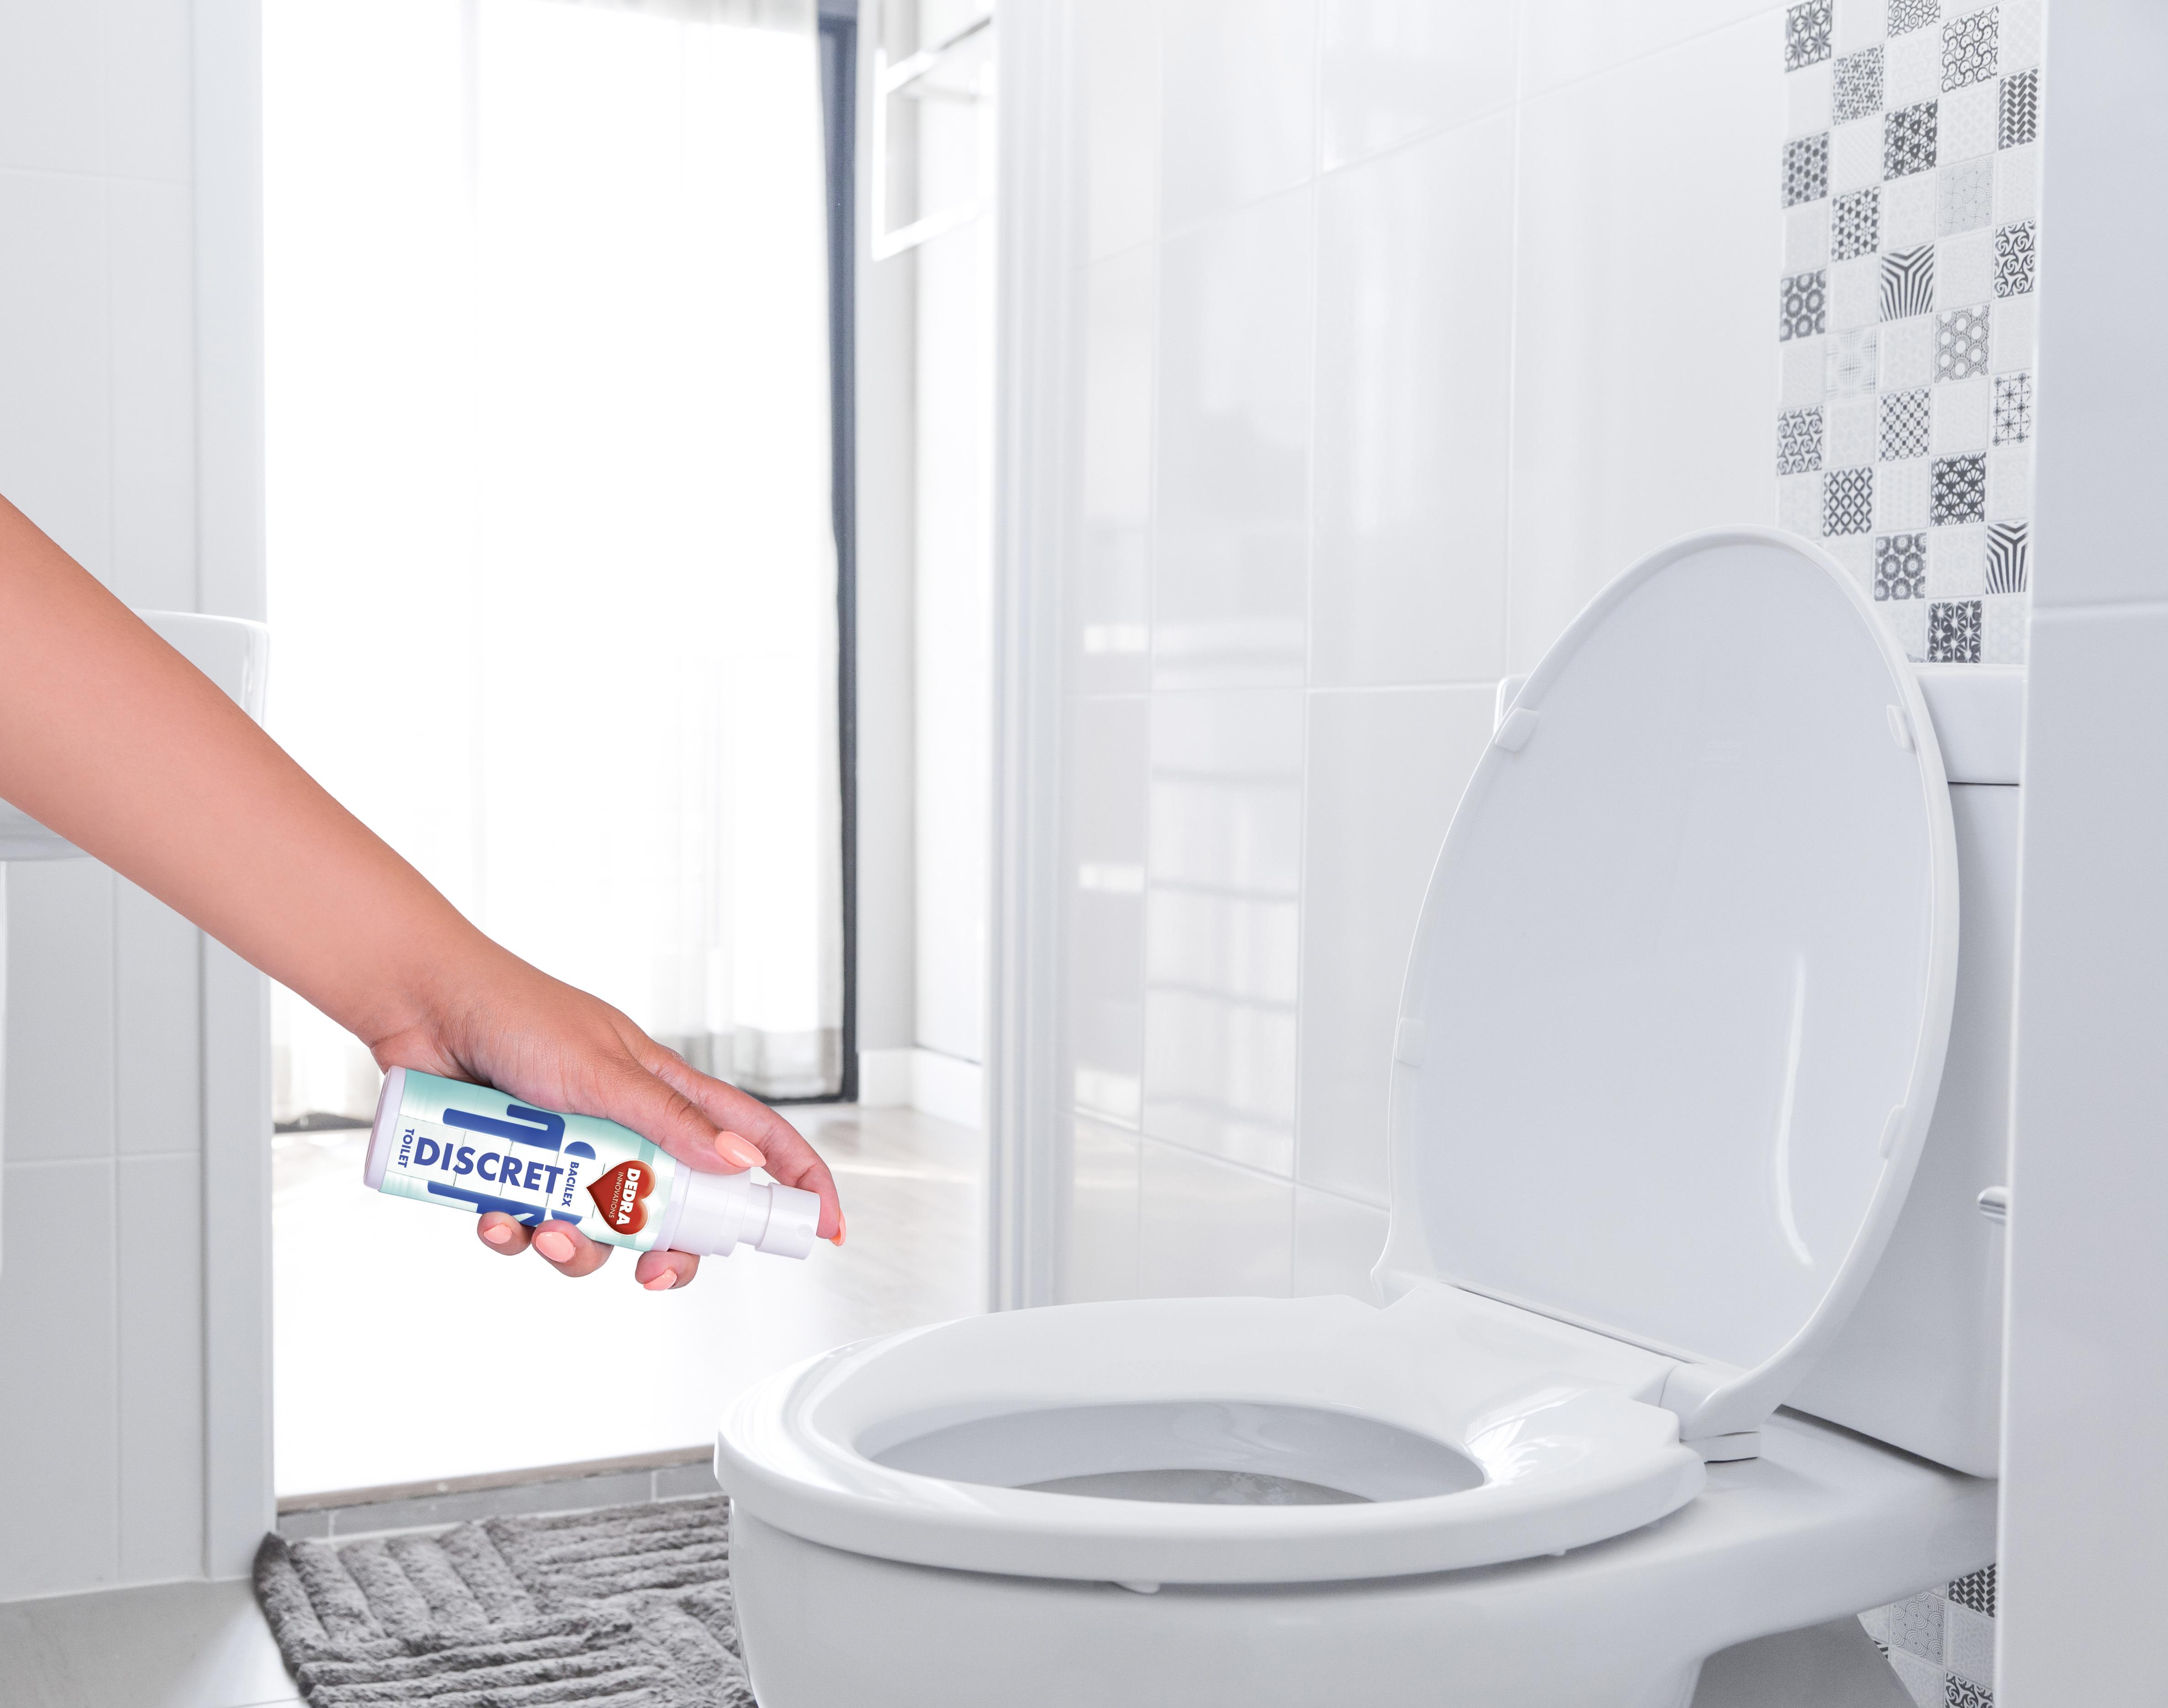 TOILETDISCRET BACILEX hygienický čistič toaletních WC sedátek